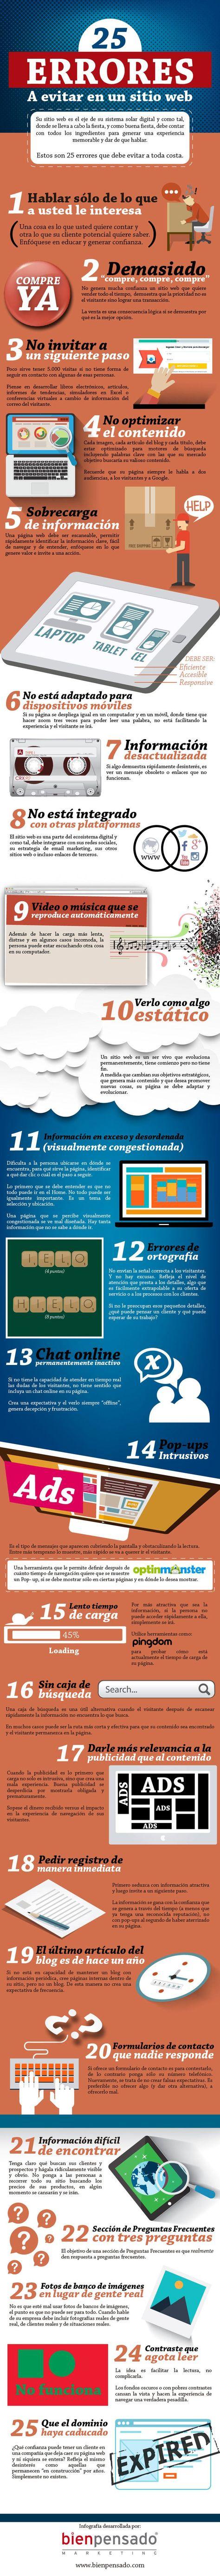 Genial infografía en español que nos muestra los 25 errores habituales que deben evitarse en un sitio web. También consejos para solucionarlos o evitarlos.